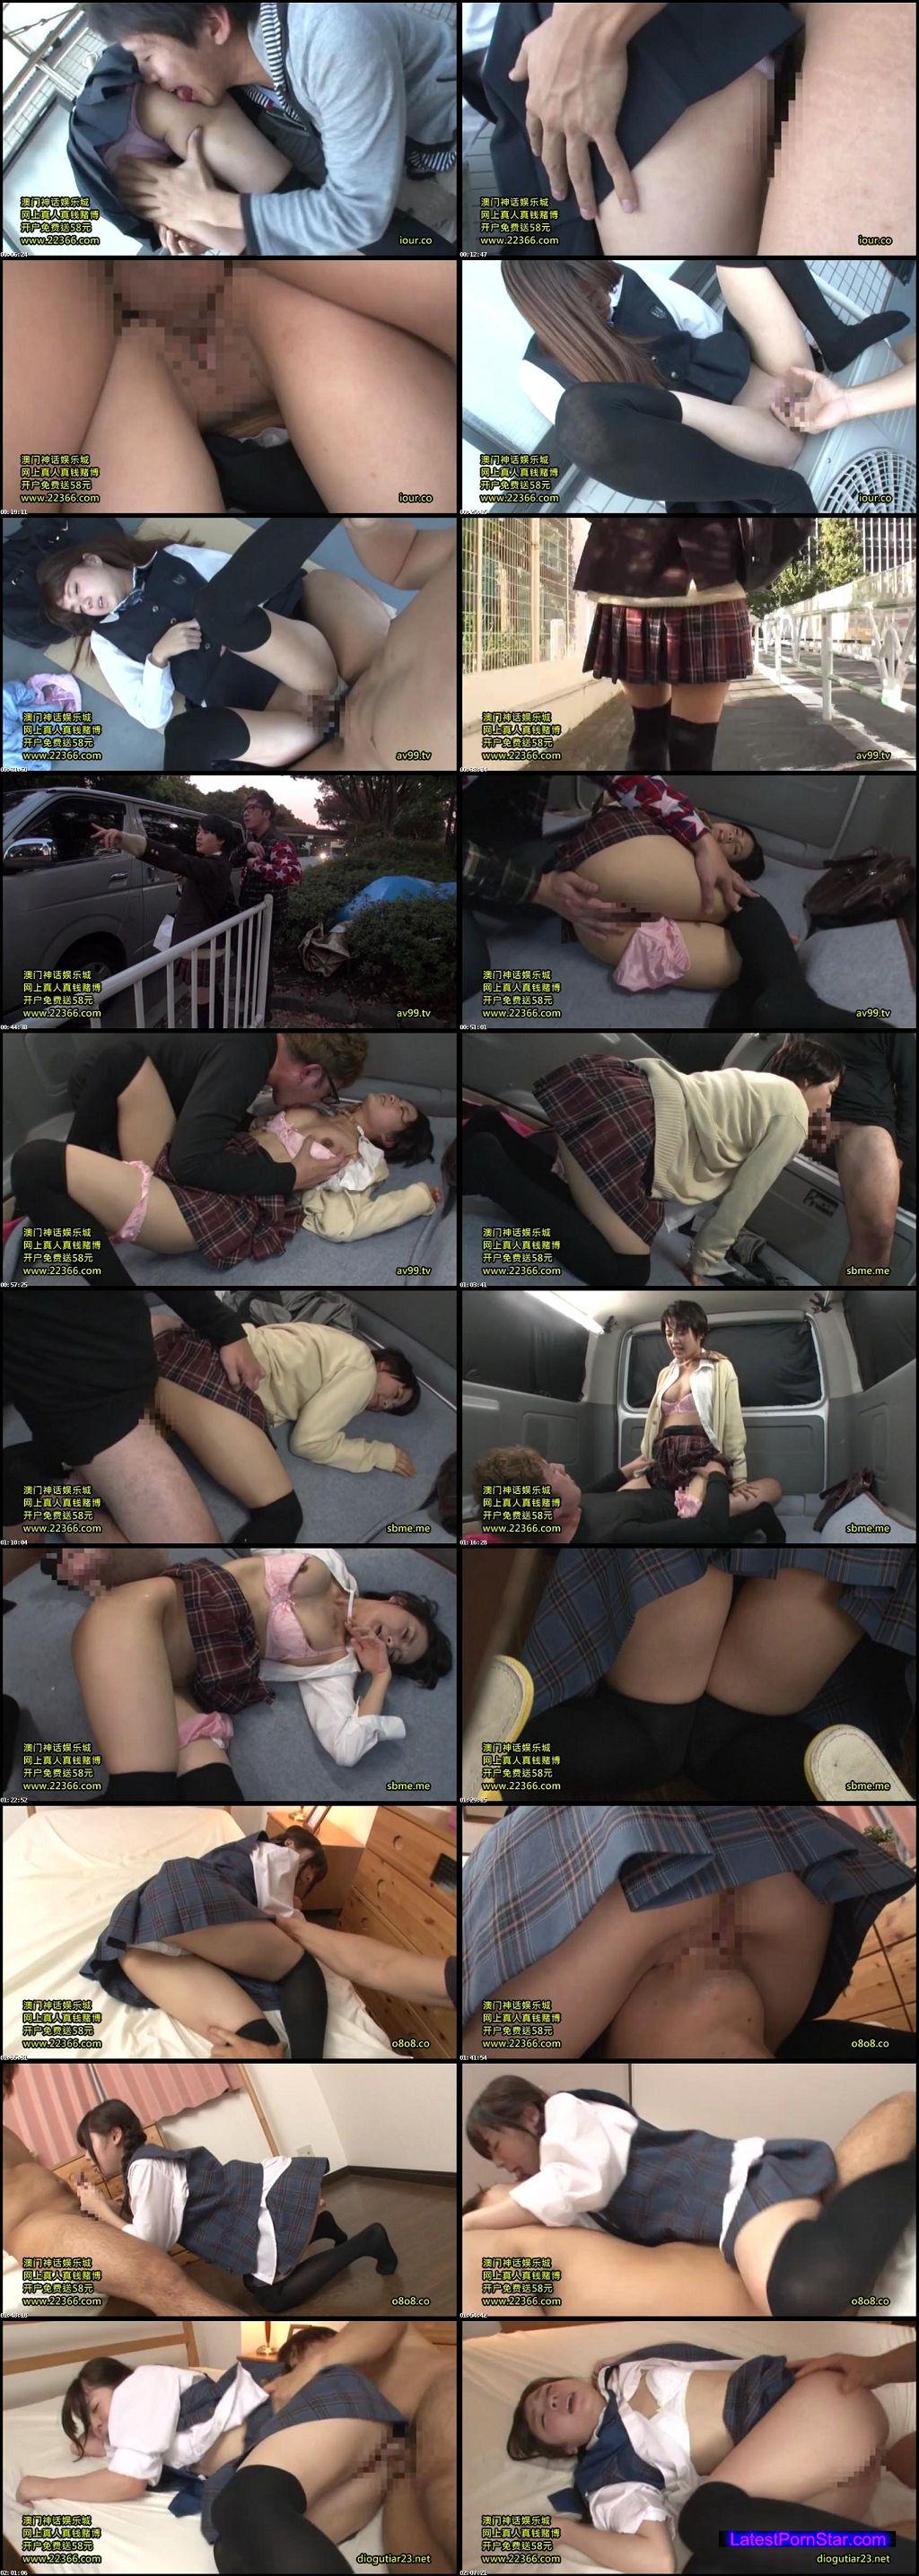 [RTP-065] すらりと伸びた足から覗くスカートとニーハイの間の太もも「絶対領域」を目の前で見てしまった僕は…2